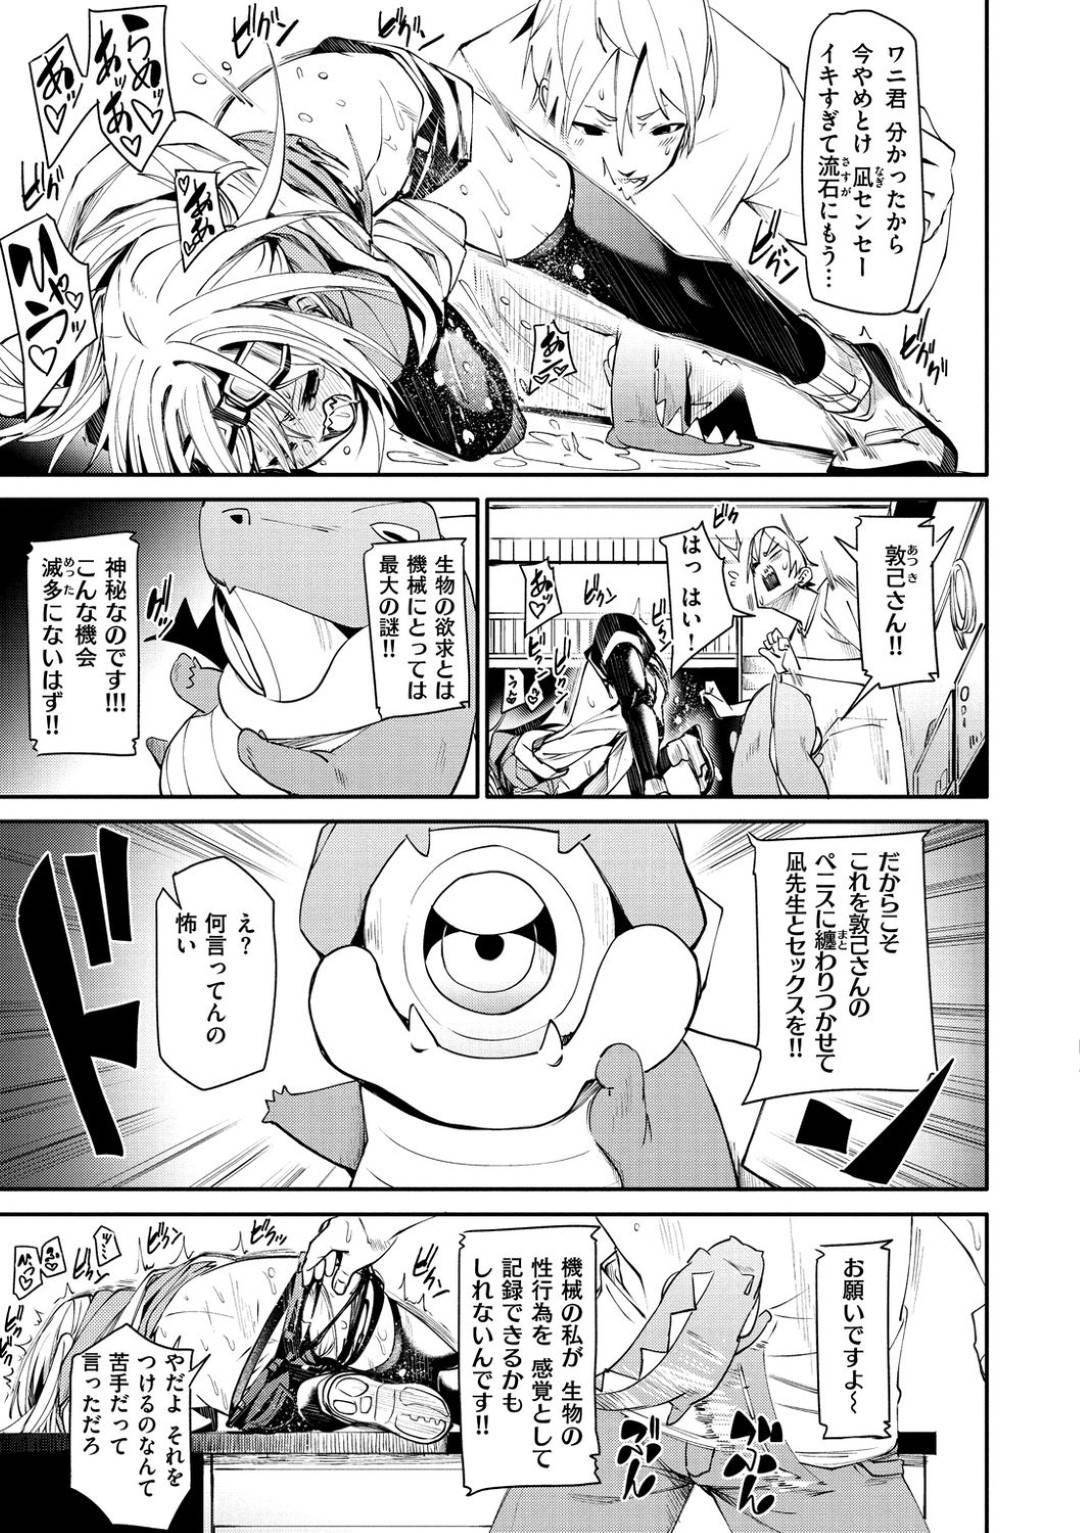 【エロ漫画】ひょんな事がきっかけで助手とエッチな展開になってしまったロリ博士…彼女は完全に彼にリードされる形となり、手マンで潮吹きさせられた後、生ハメセックスもさせられる!【fu-ta:トラブル】